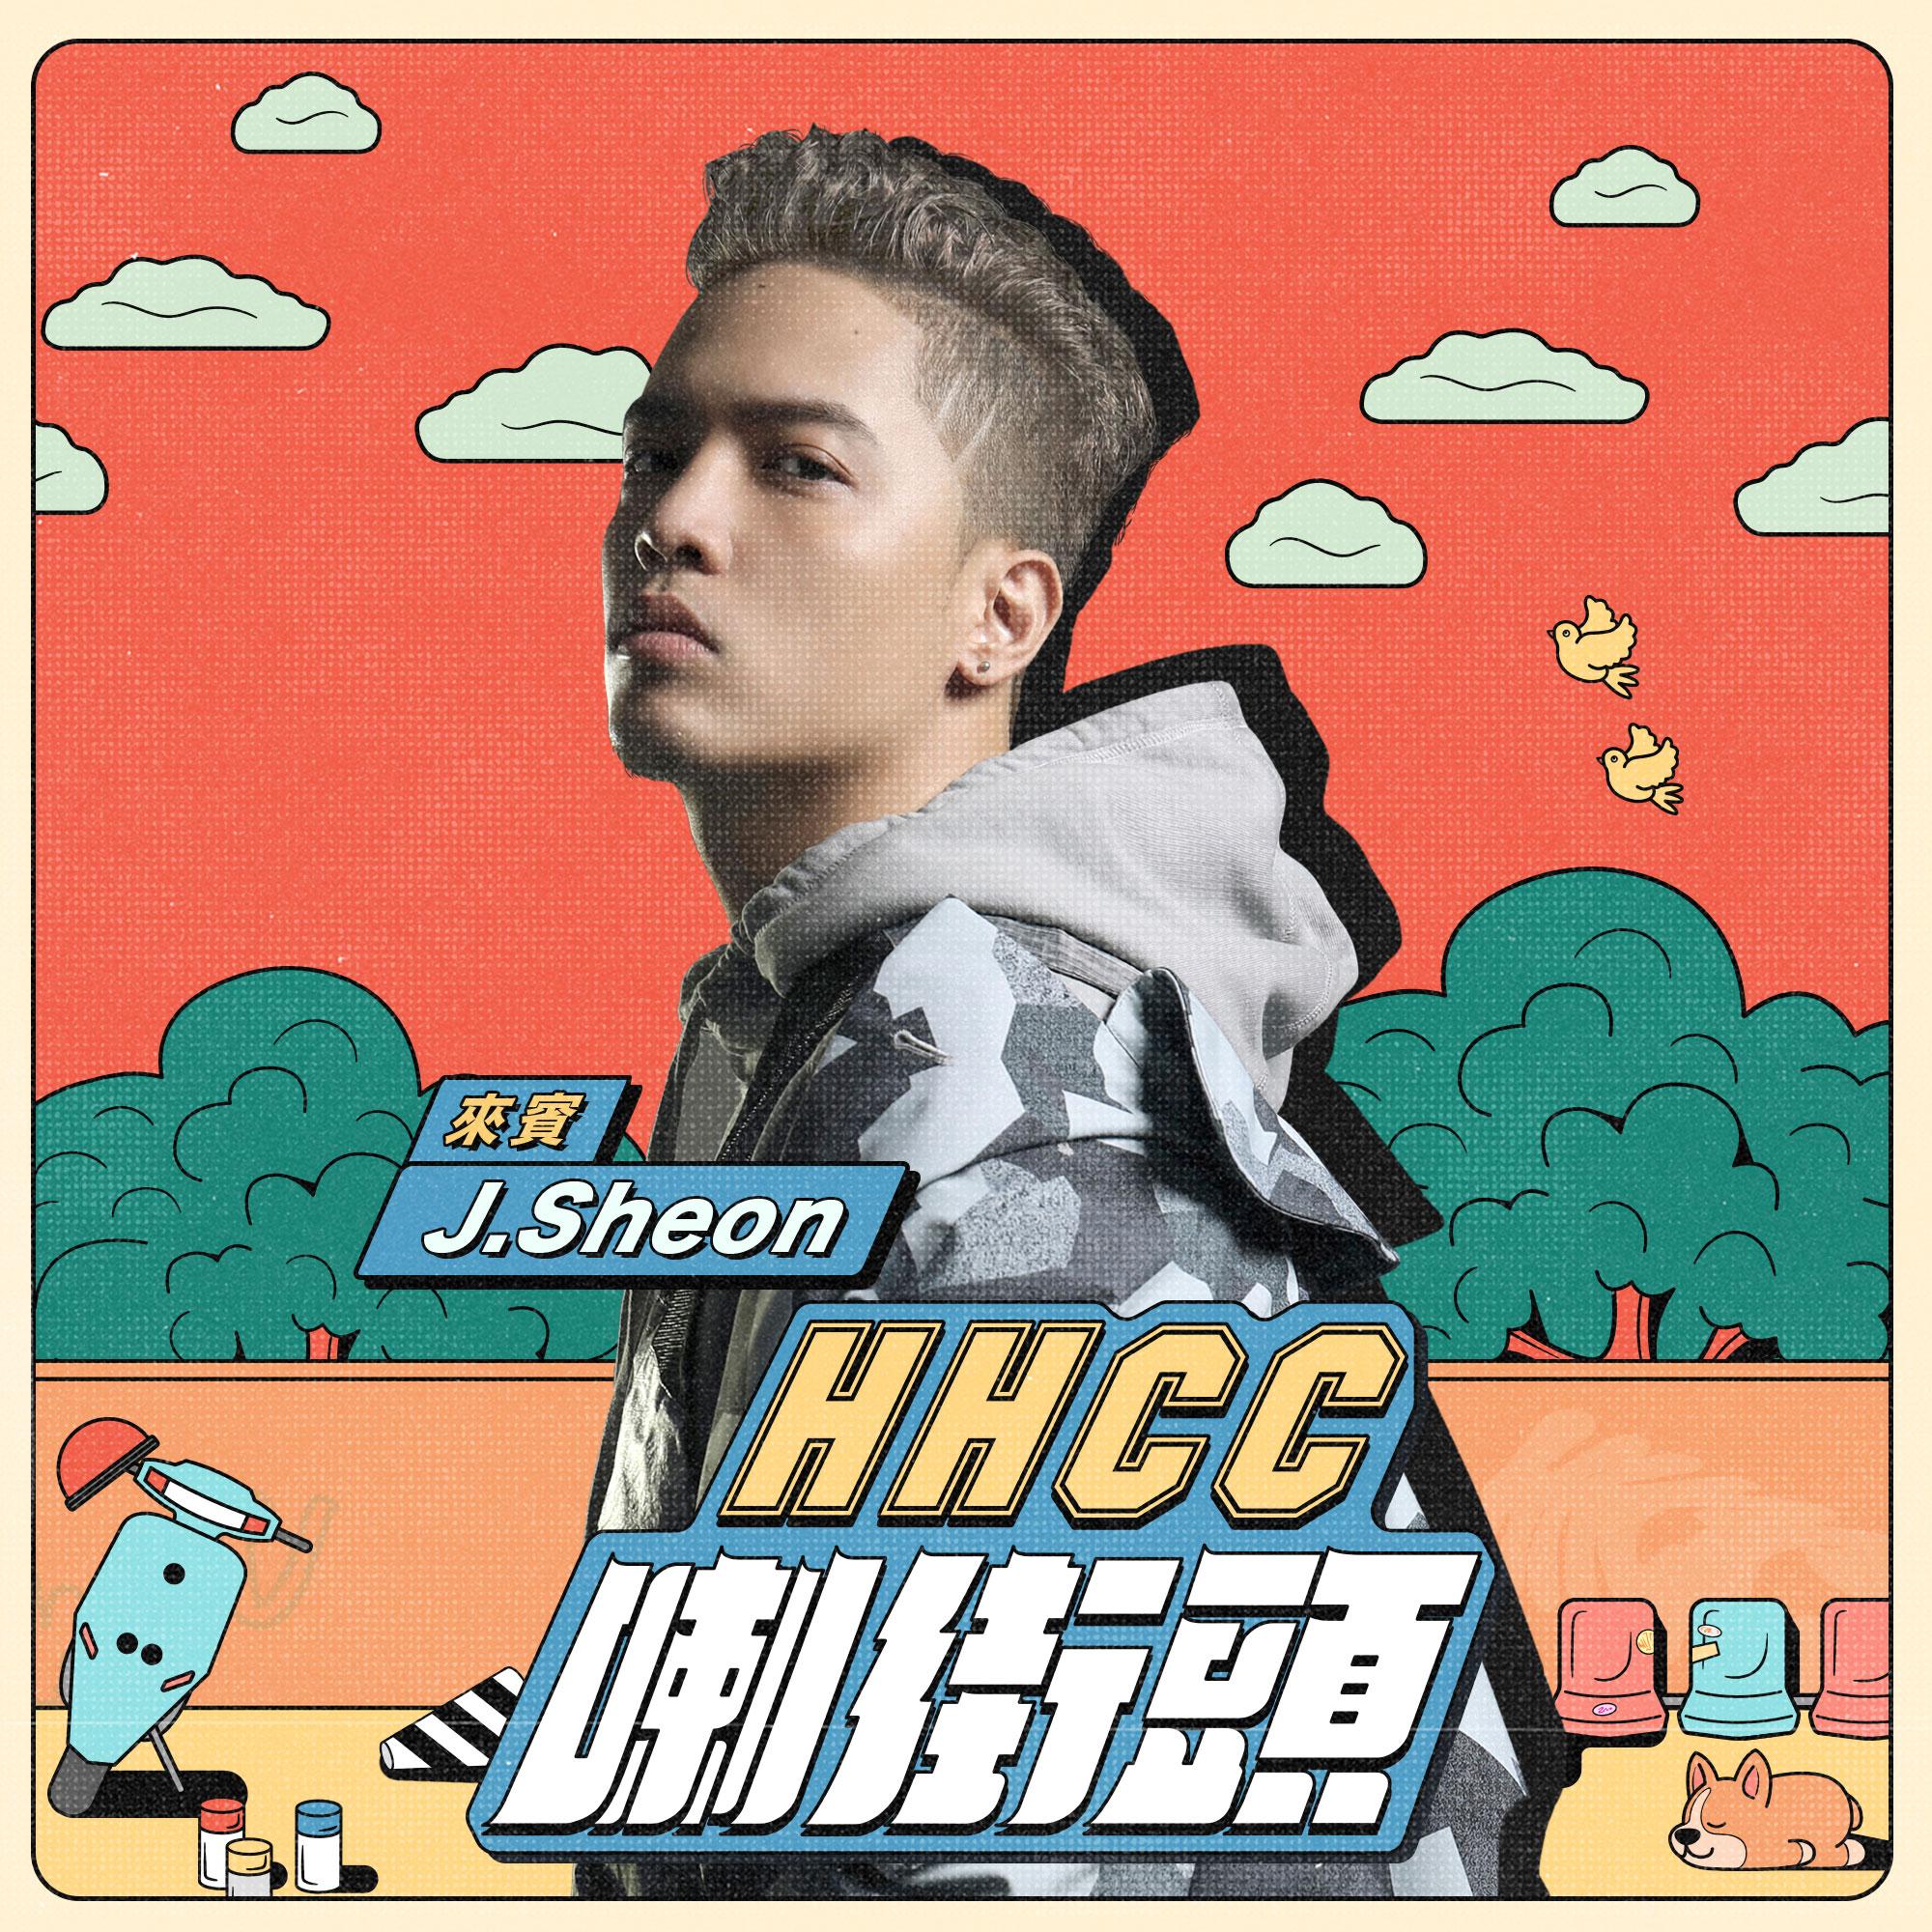 Ep.25 Call-in喇街頭 ft. J.Sheon:HHCC喇街頭第二季正式開張!原來台灣的嘻哈長這樣?